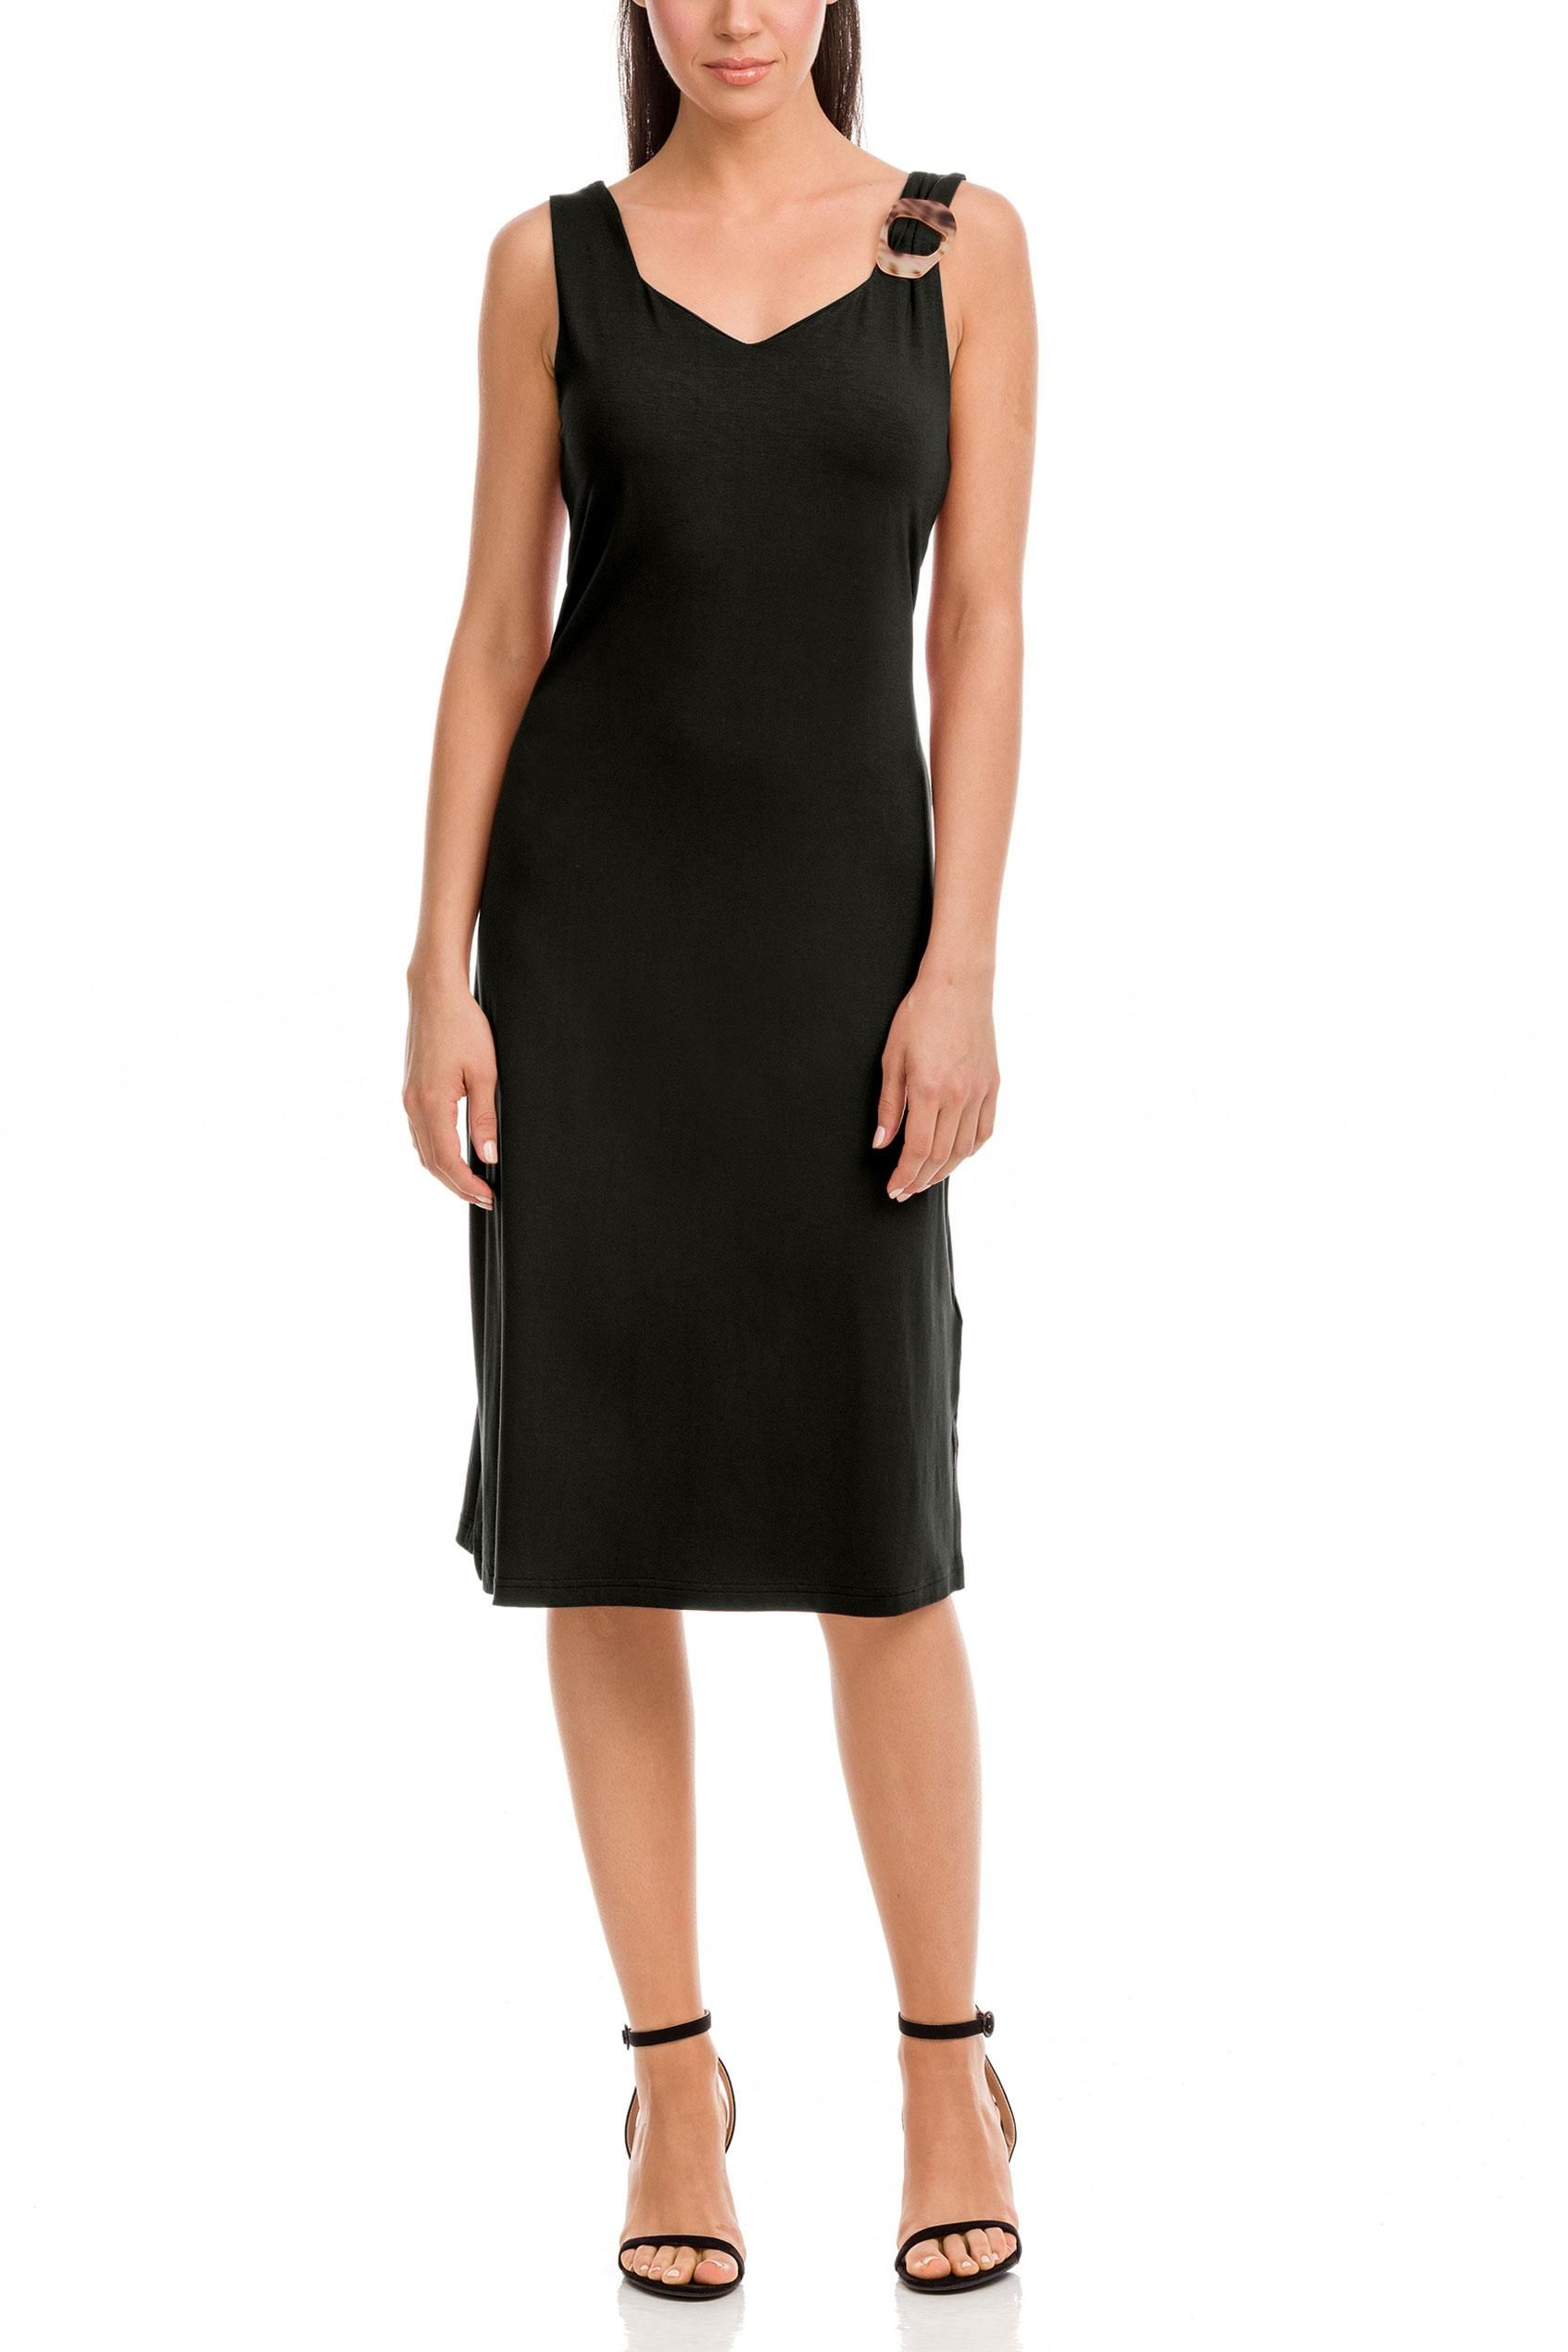 Φόρεμα Αμάνικο Μονόχρωμο Plus Size